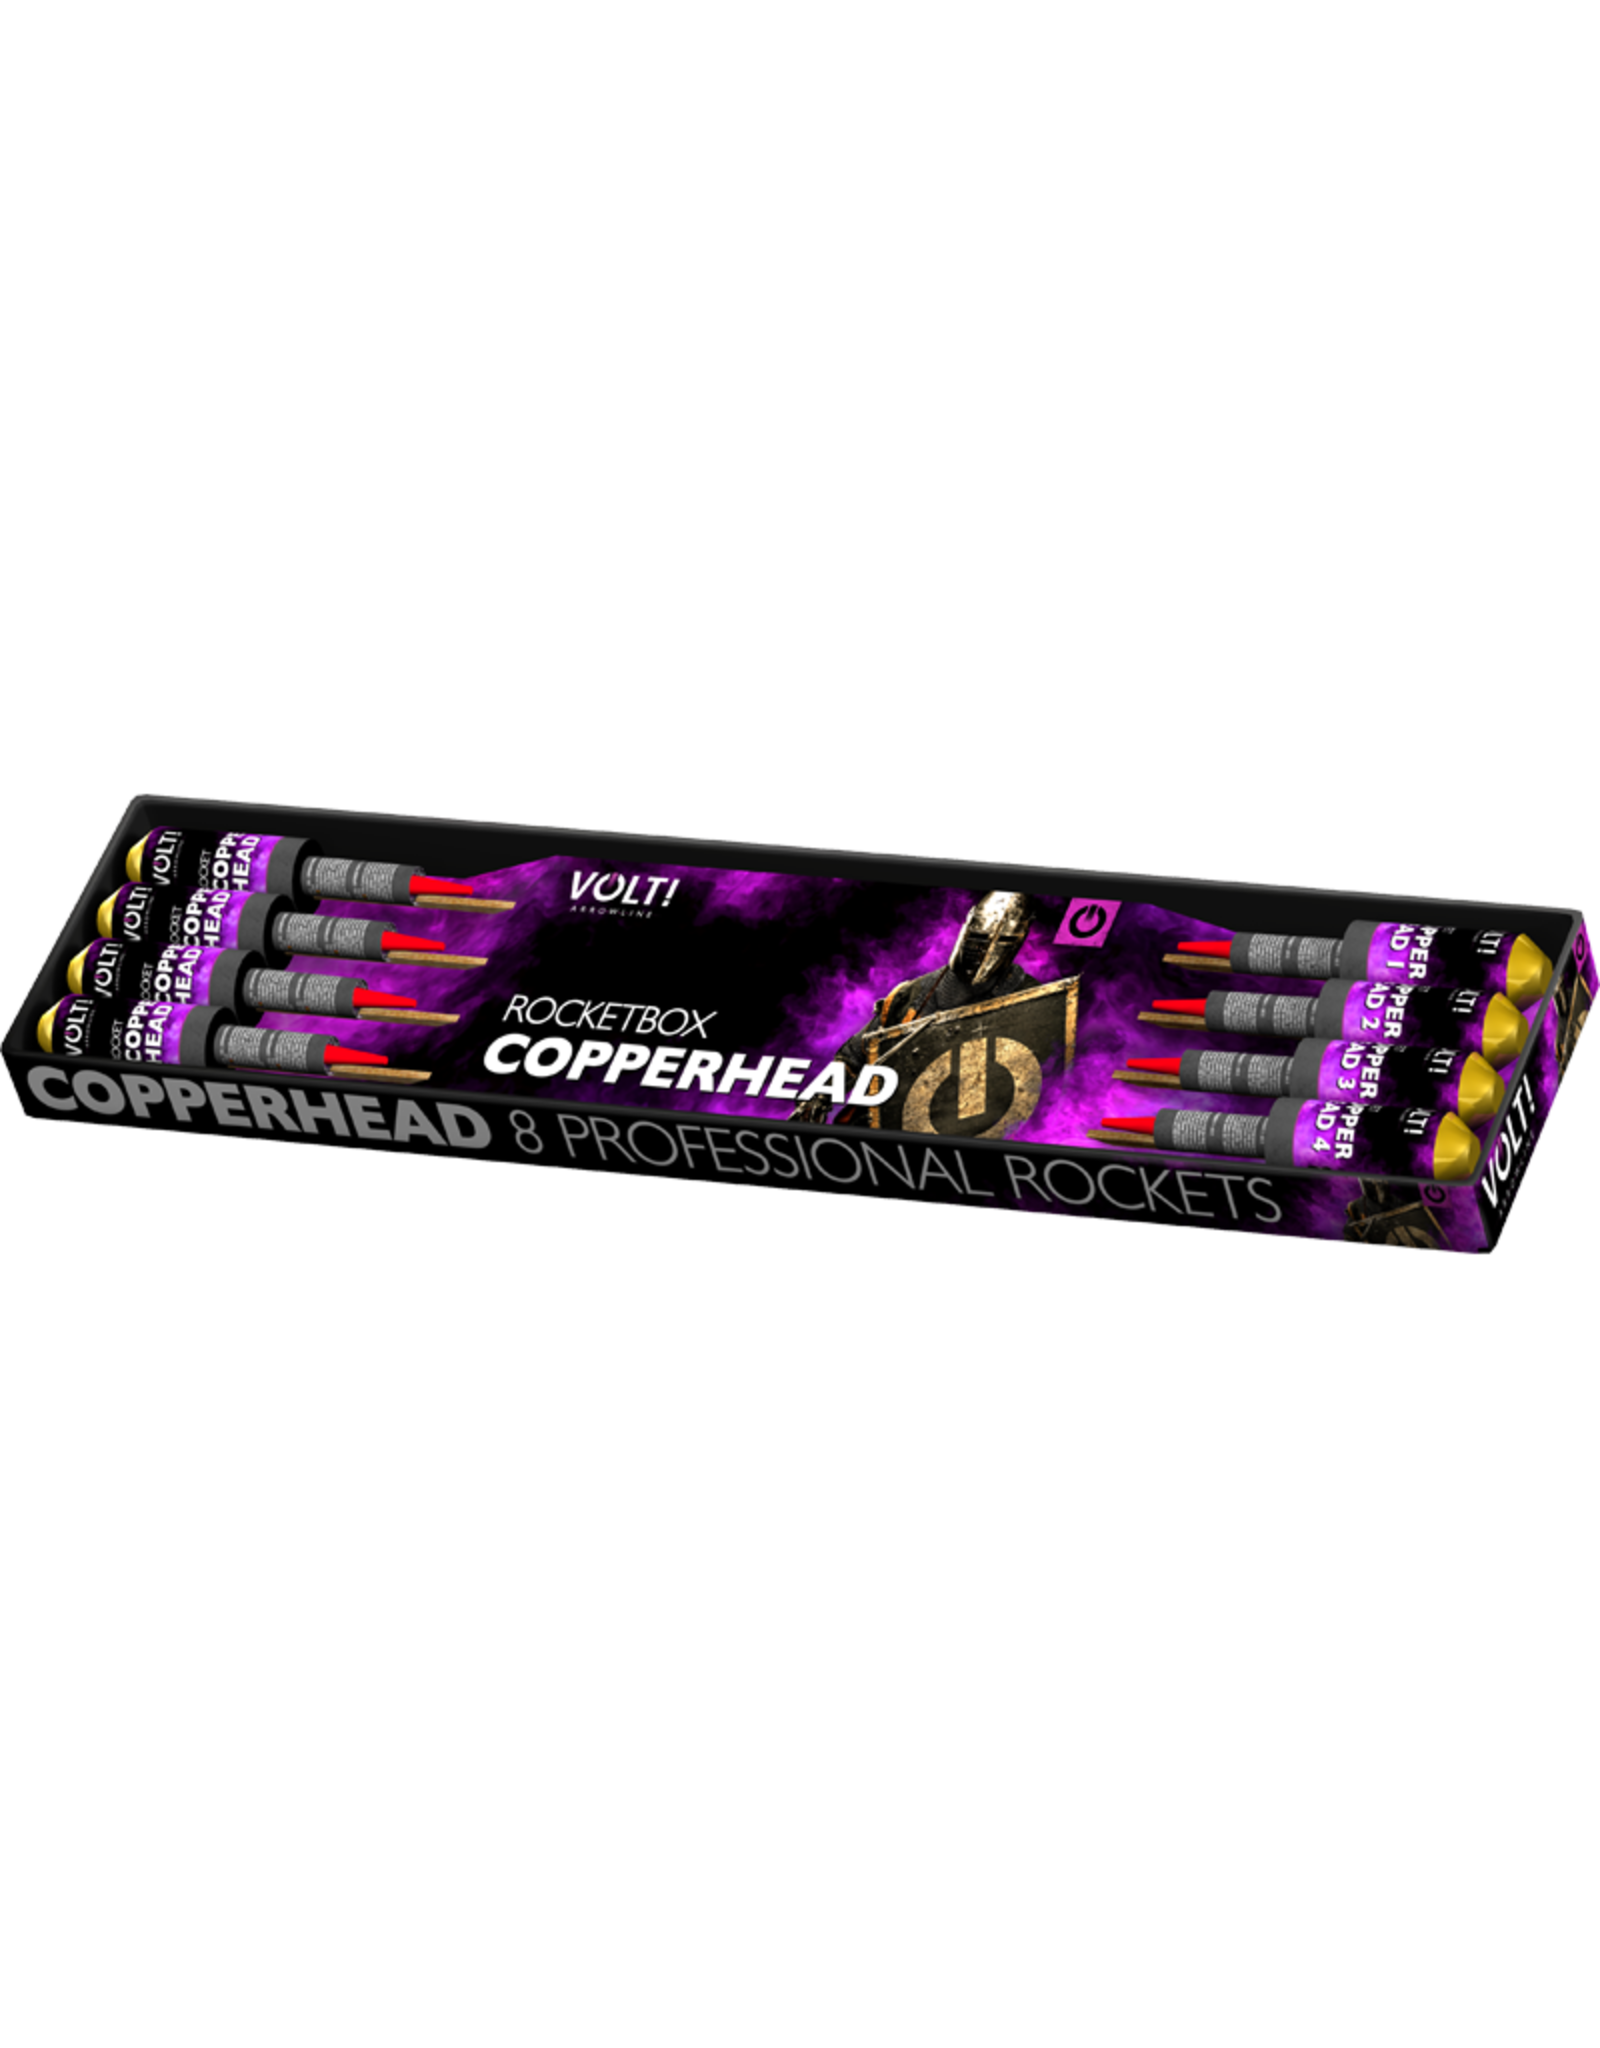 Volt!  Copperhead Rockets